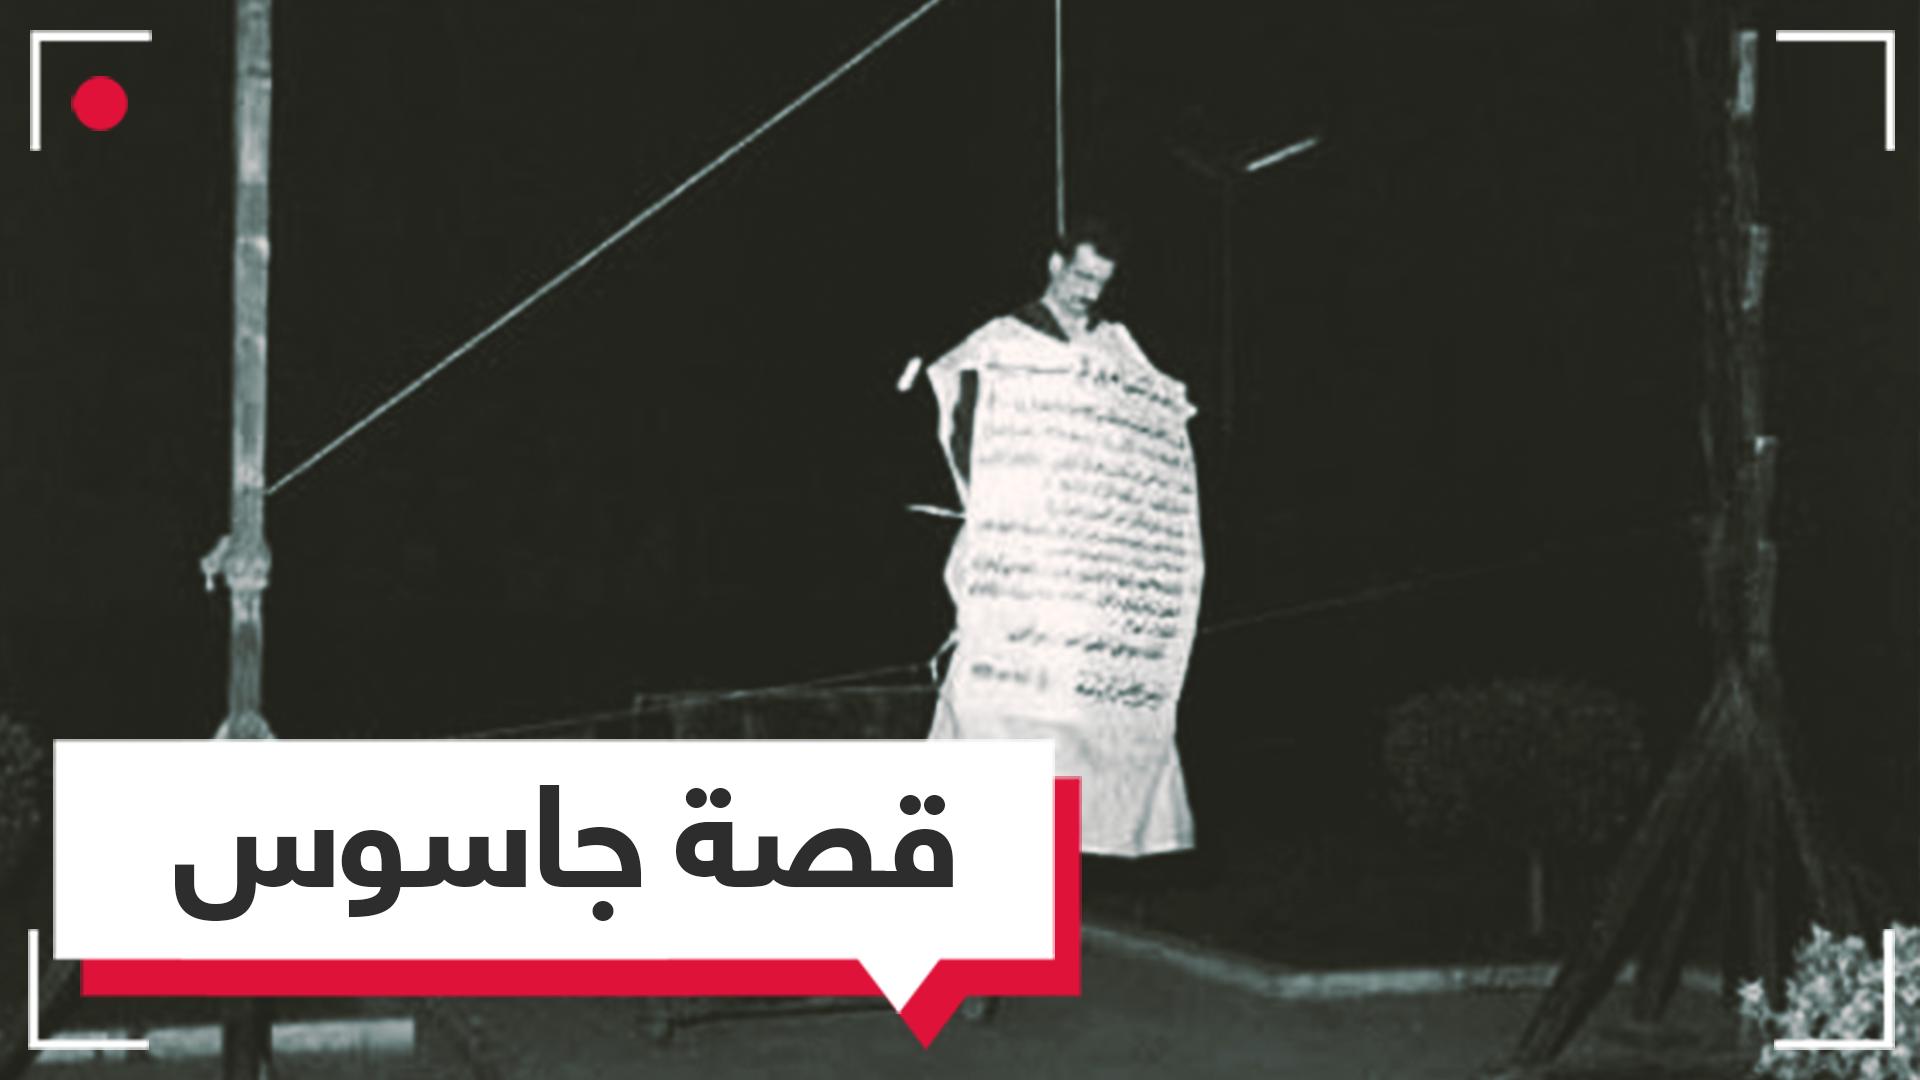 هل كشفته مصر أم الهند؟.. قصة الجاسوس الإسرائيلي في دمشق إيلي كوهين